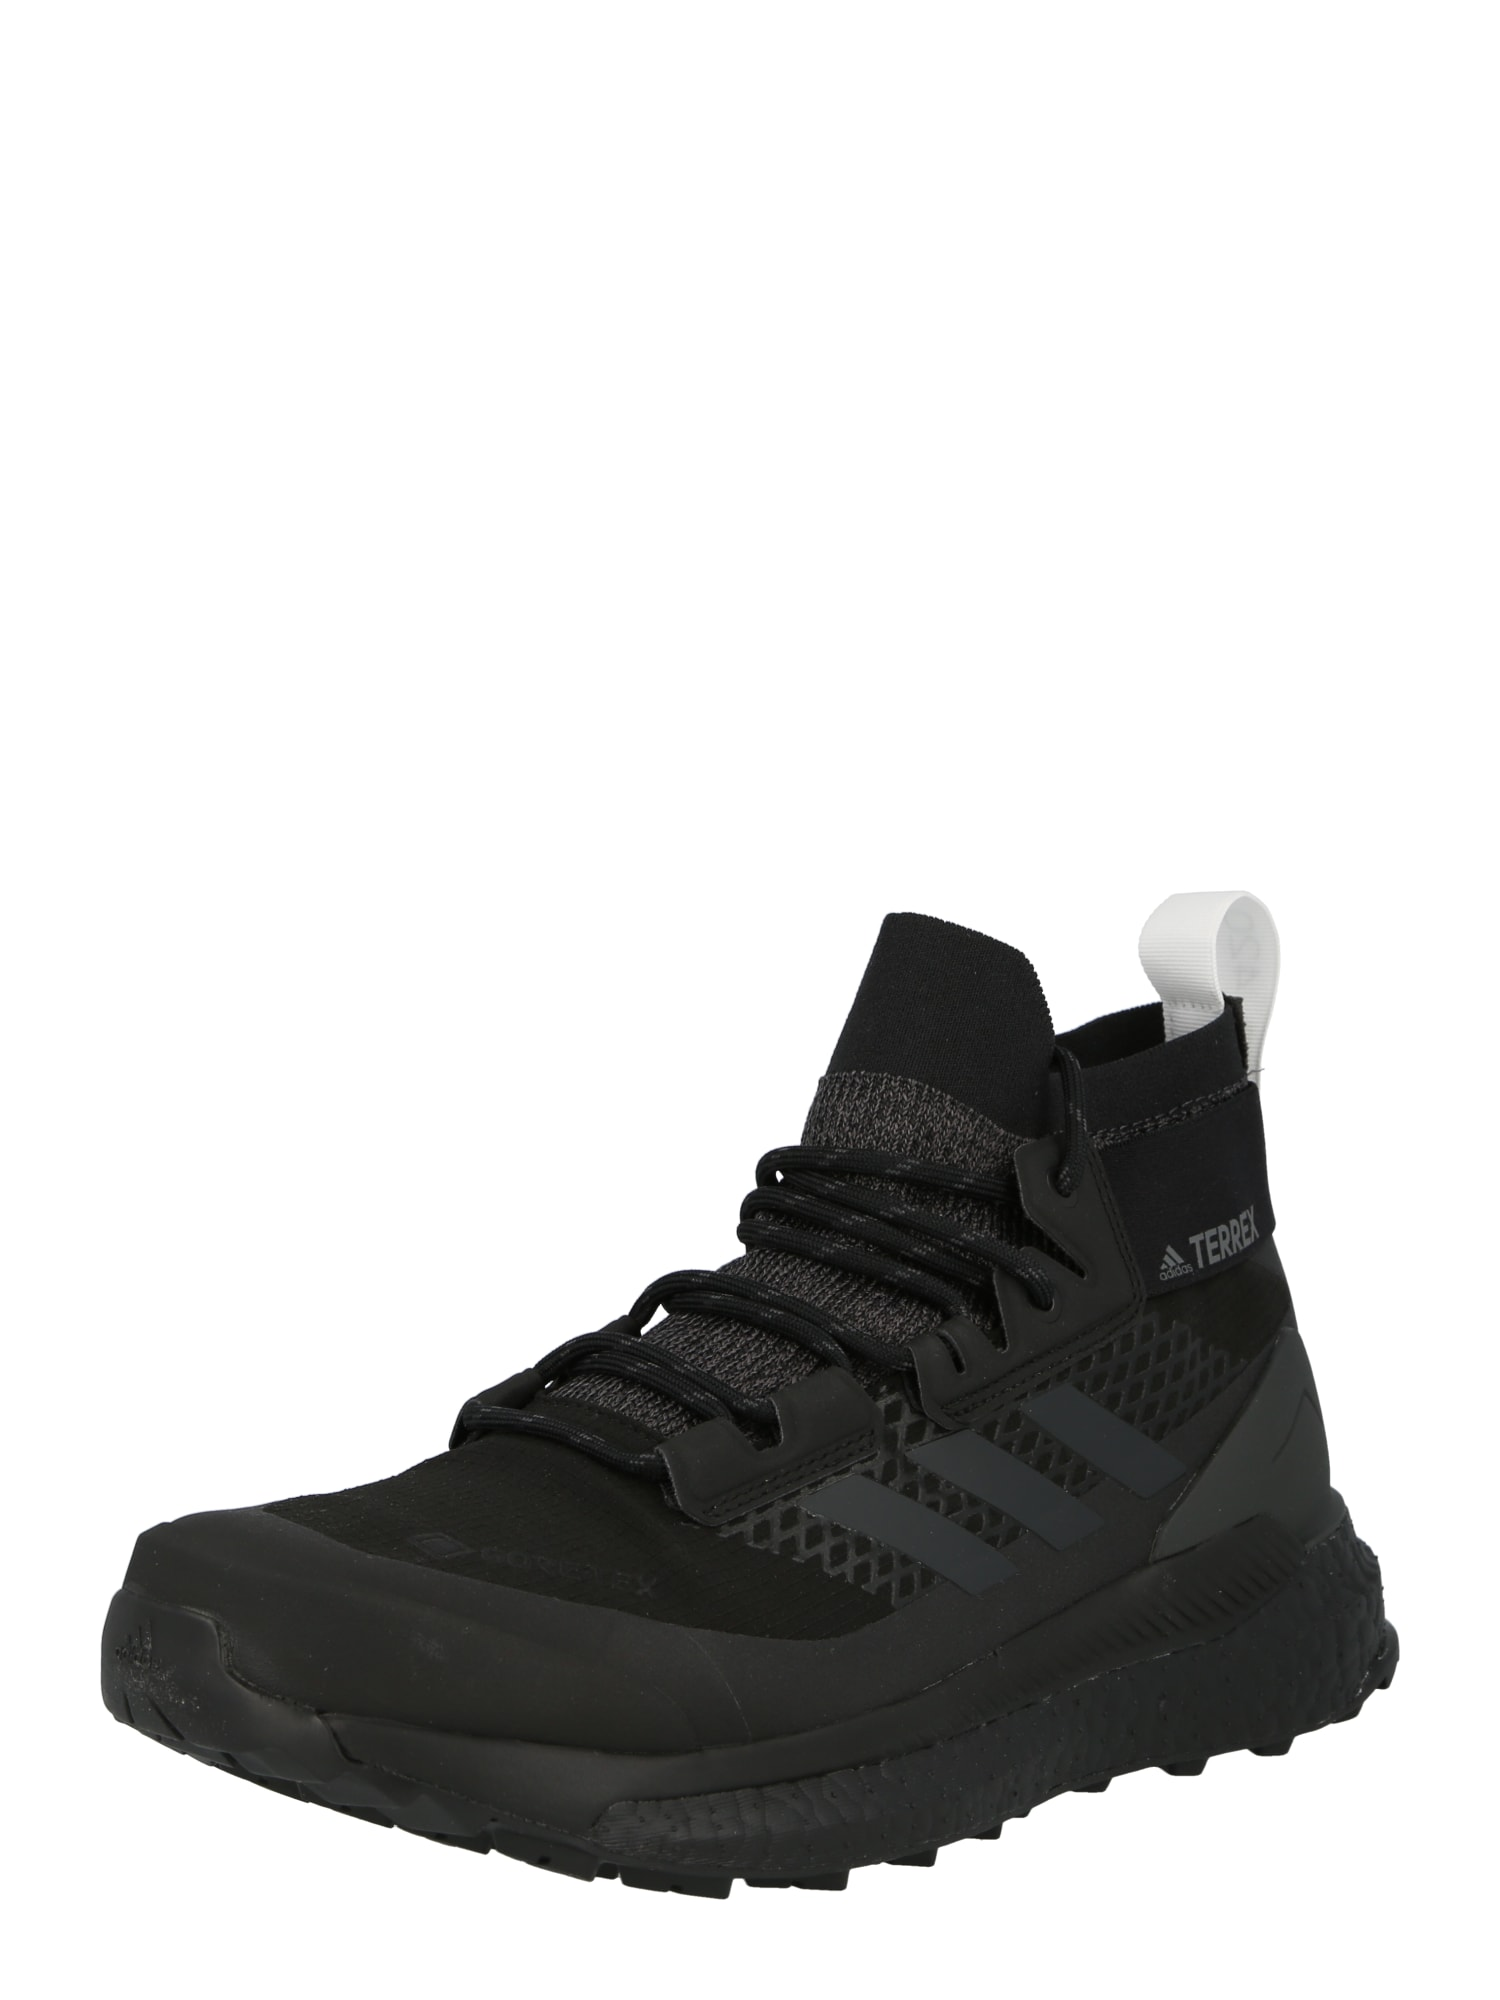 ADIDAS PERFORMANCE Auliniai batai juoda / akmens